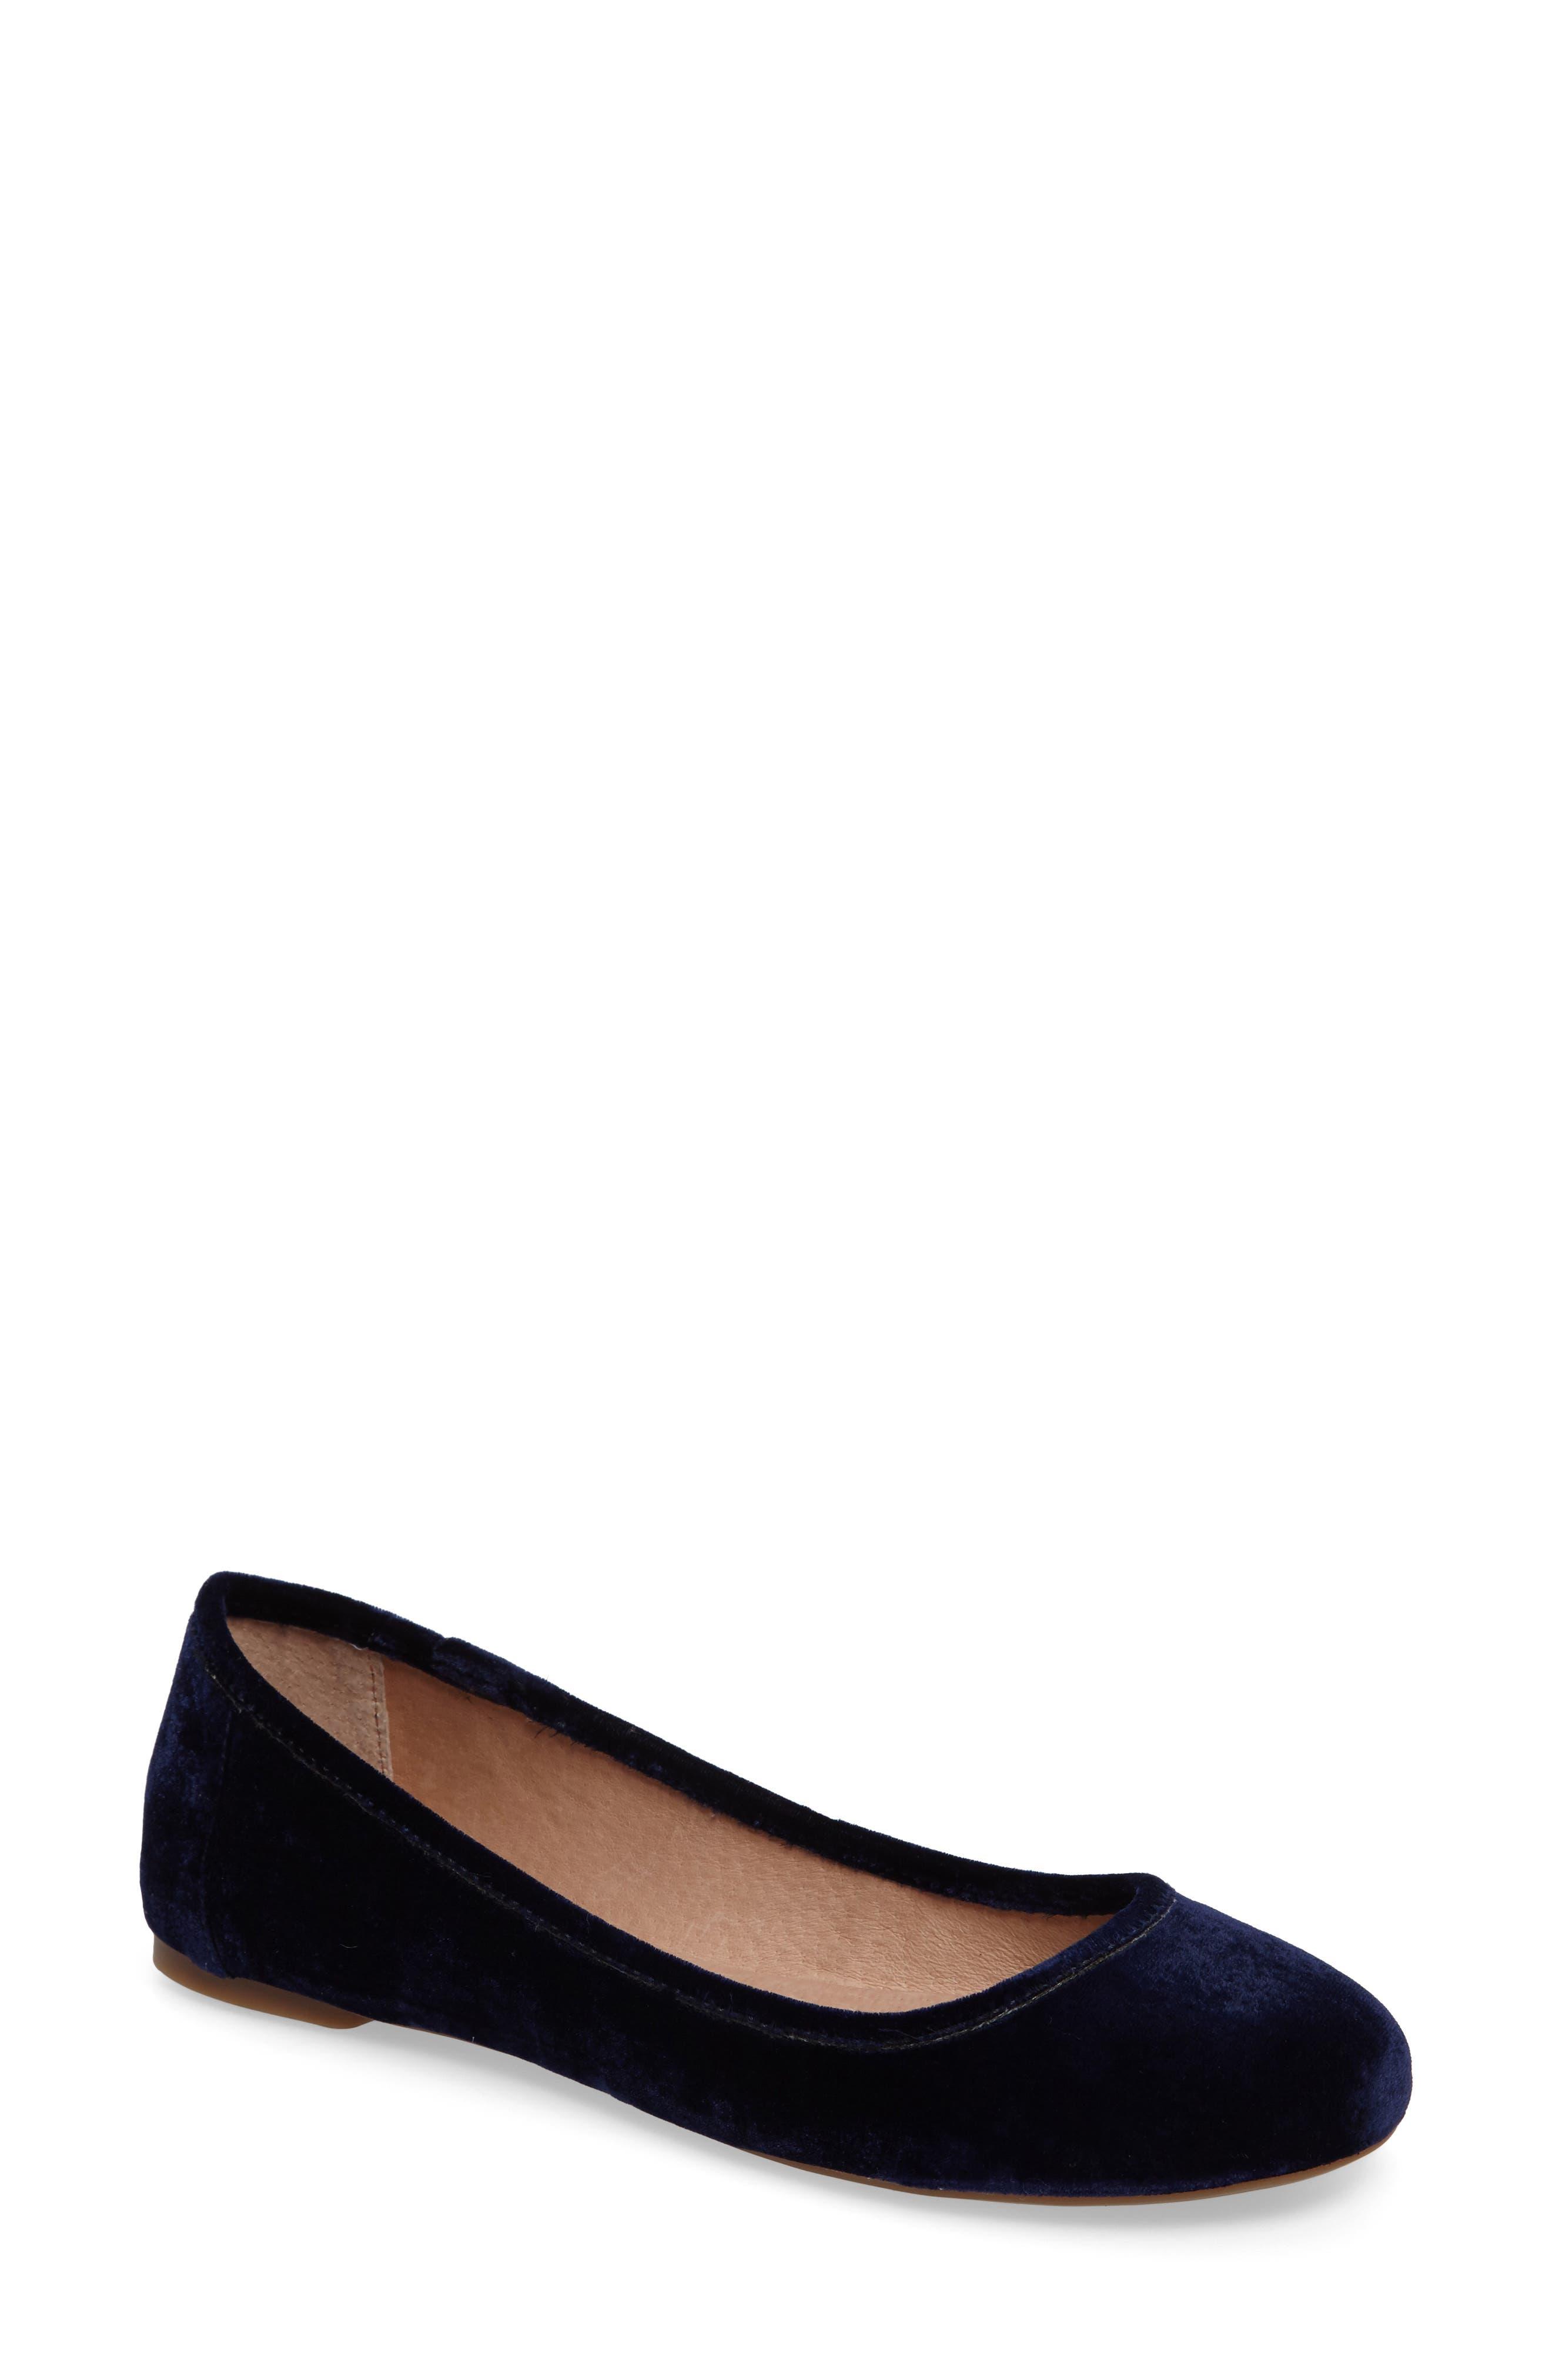 Main Image - Lucky Brand Eaden Flat (Women)